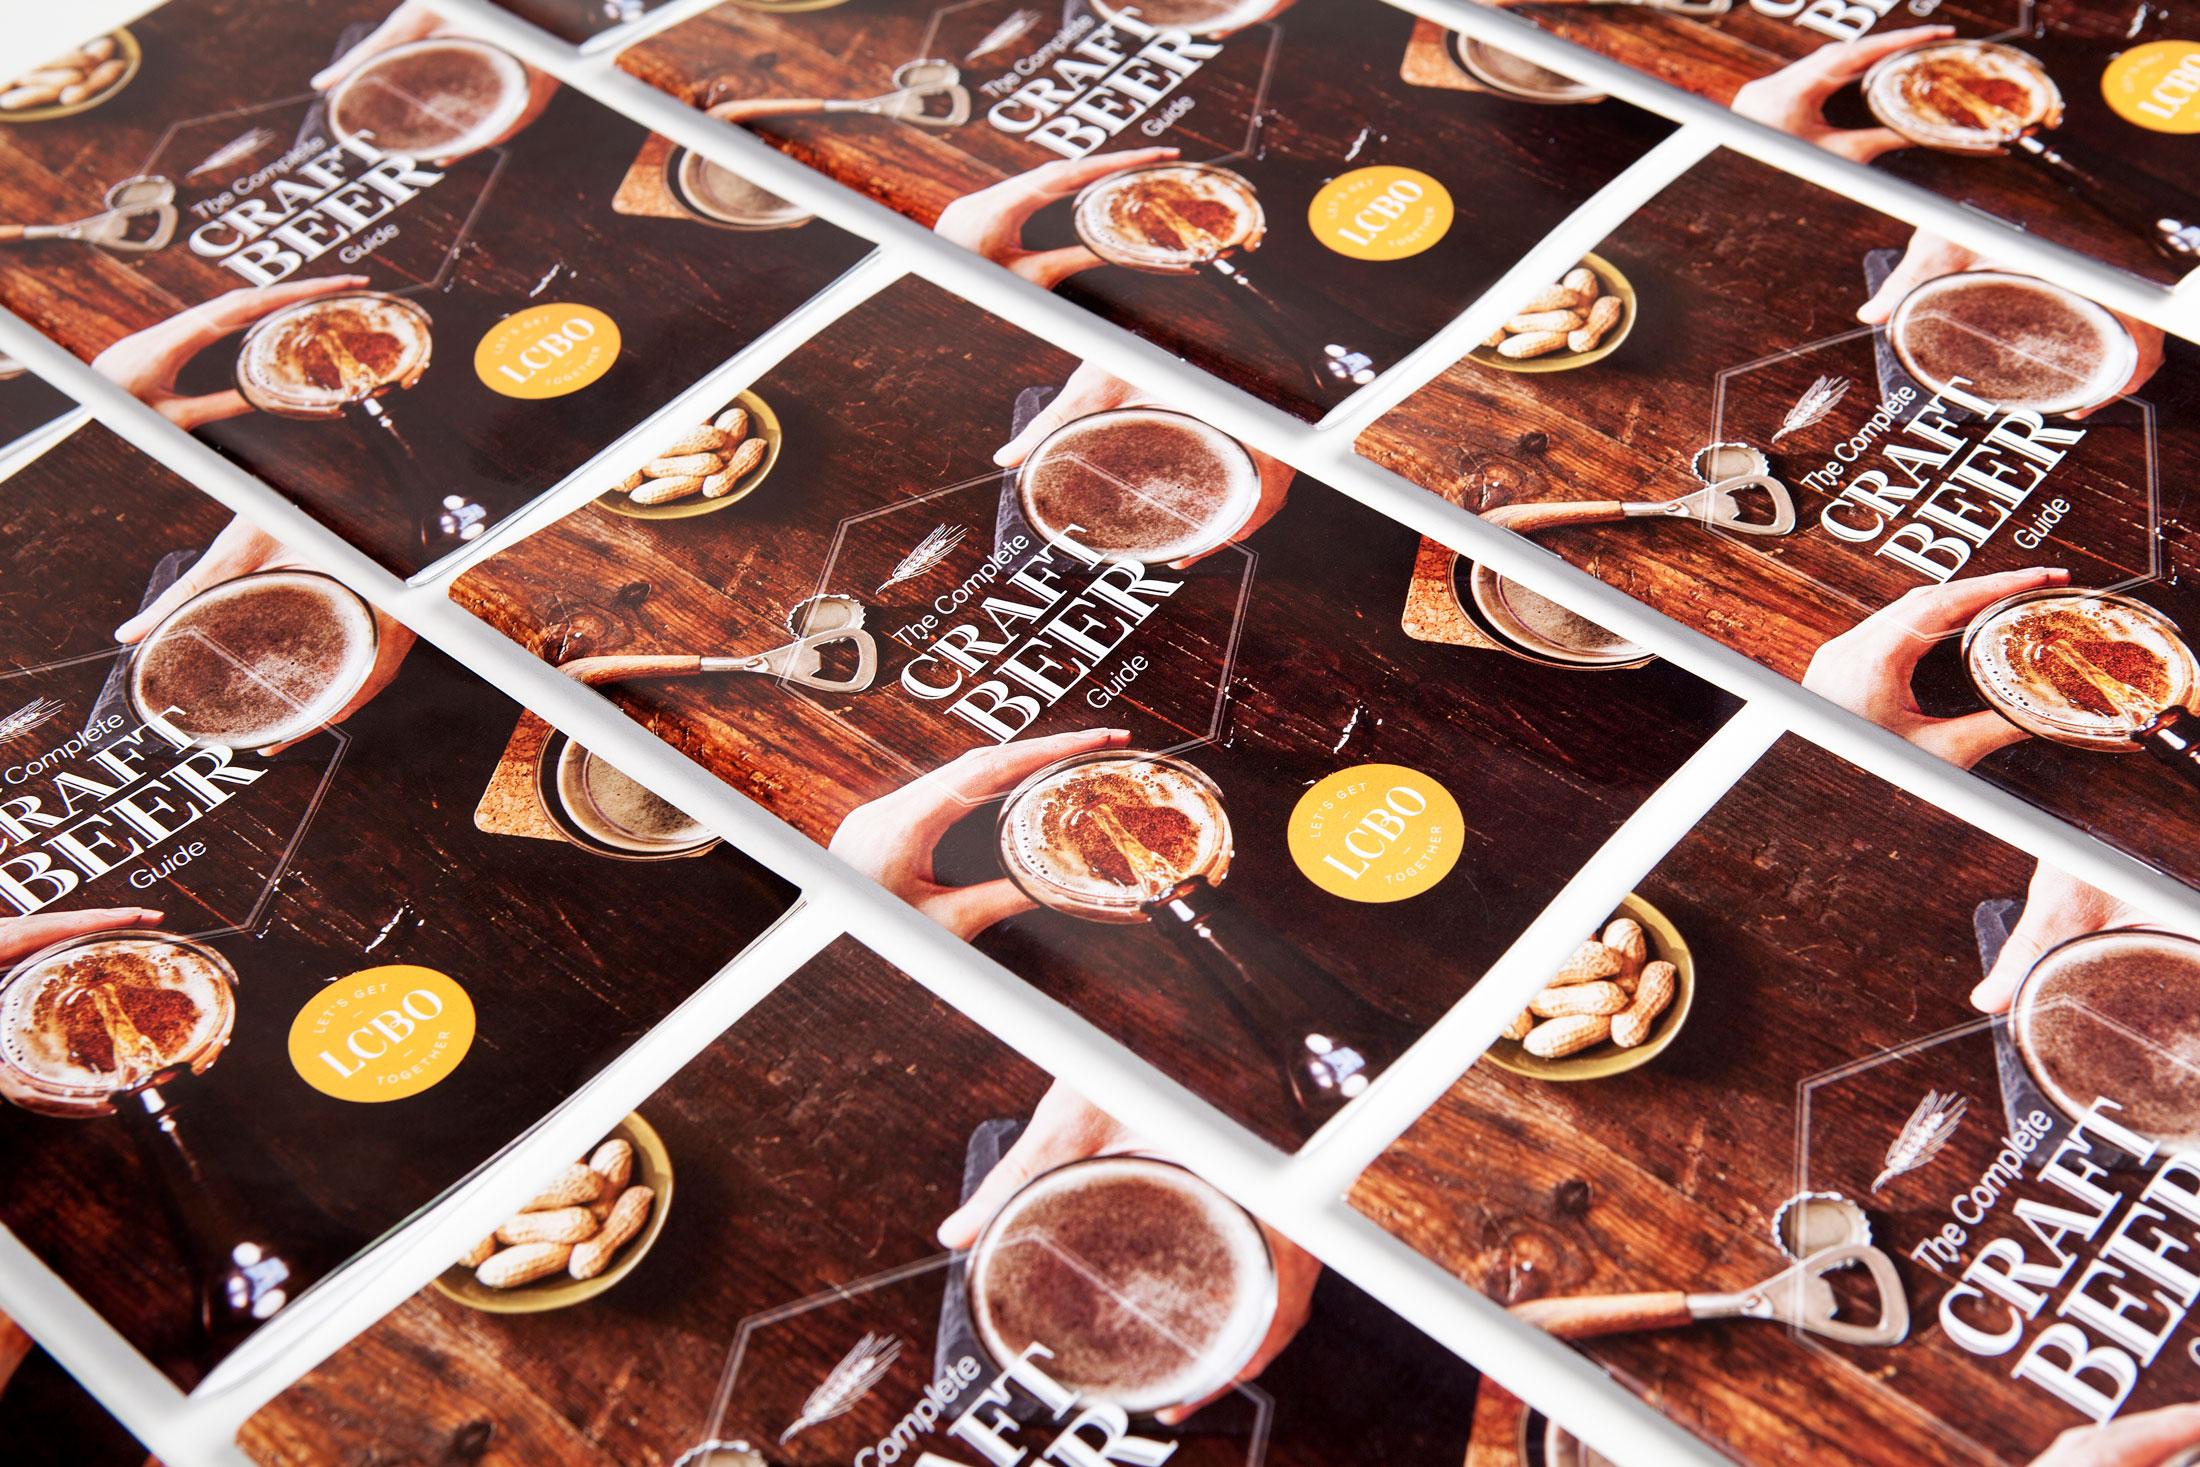 lcbo-beer-craft-beer-guide-sputnik-design-partners-toronto.jpg